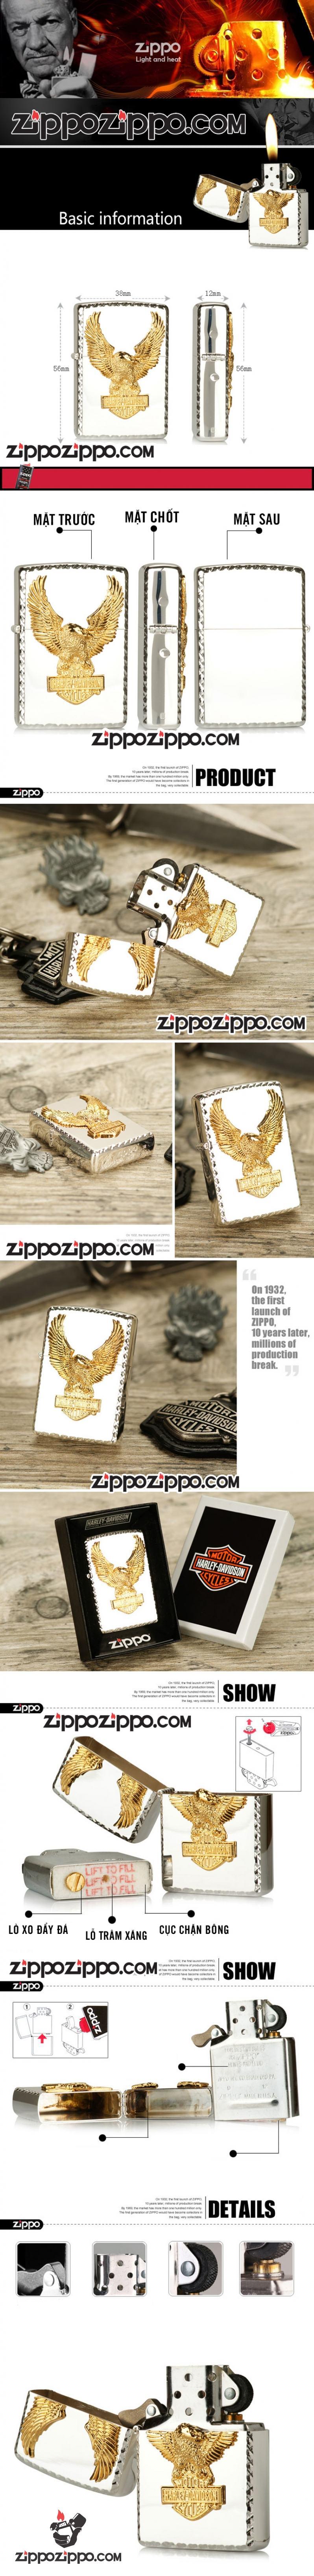 Zippo Chính Hãng Bạc Biểu Tượng Chim Ưng Harley Davidson Mạ Vàng